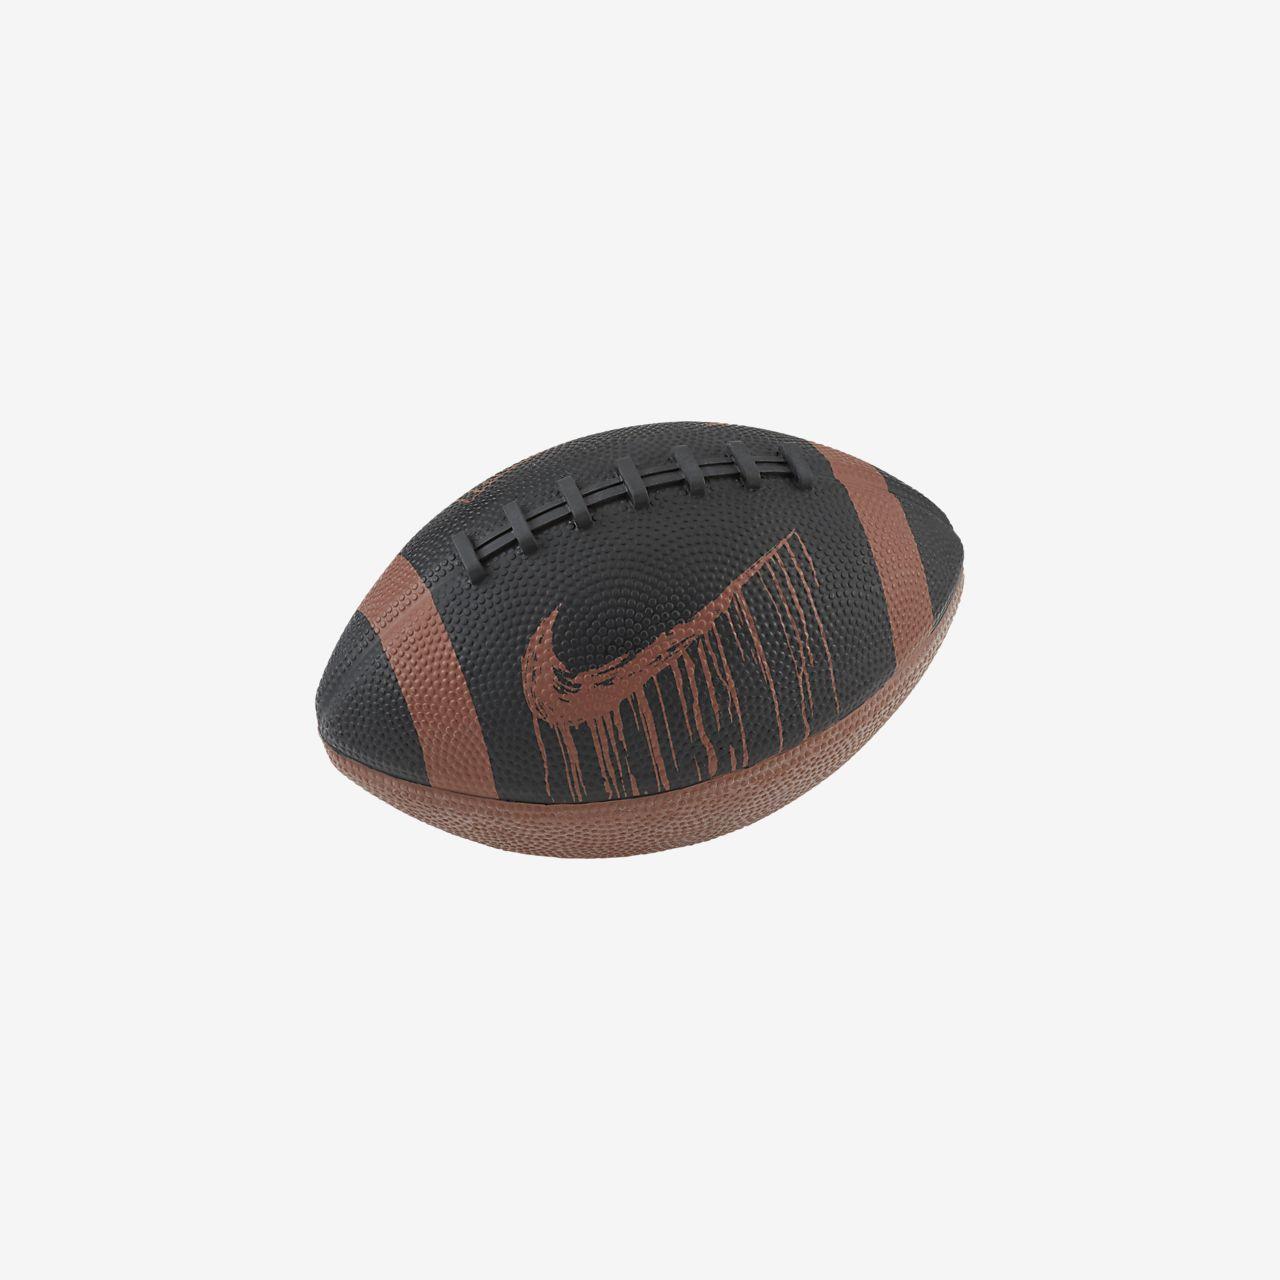 Nike Mini Spin  Football